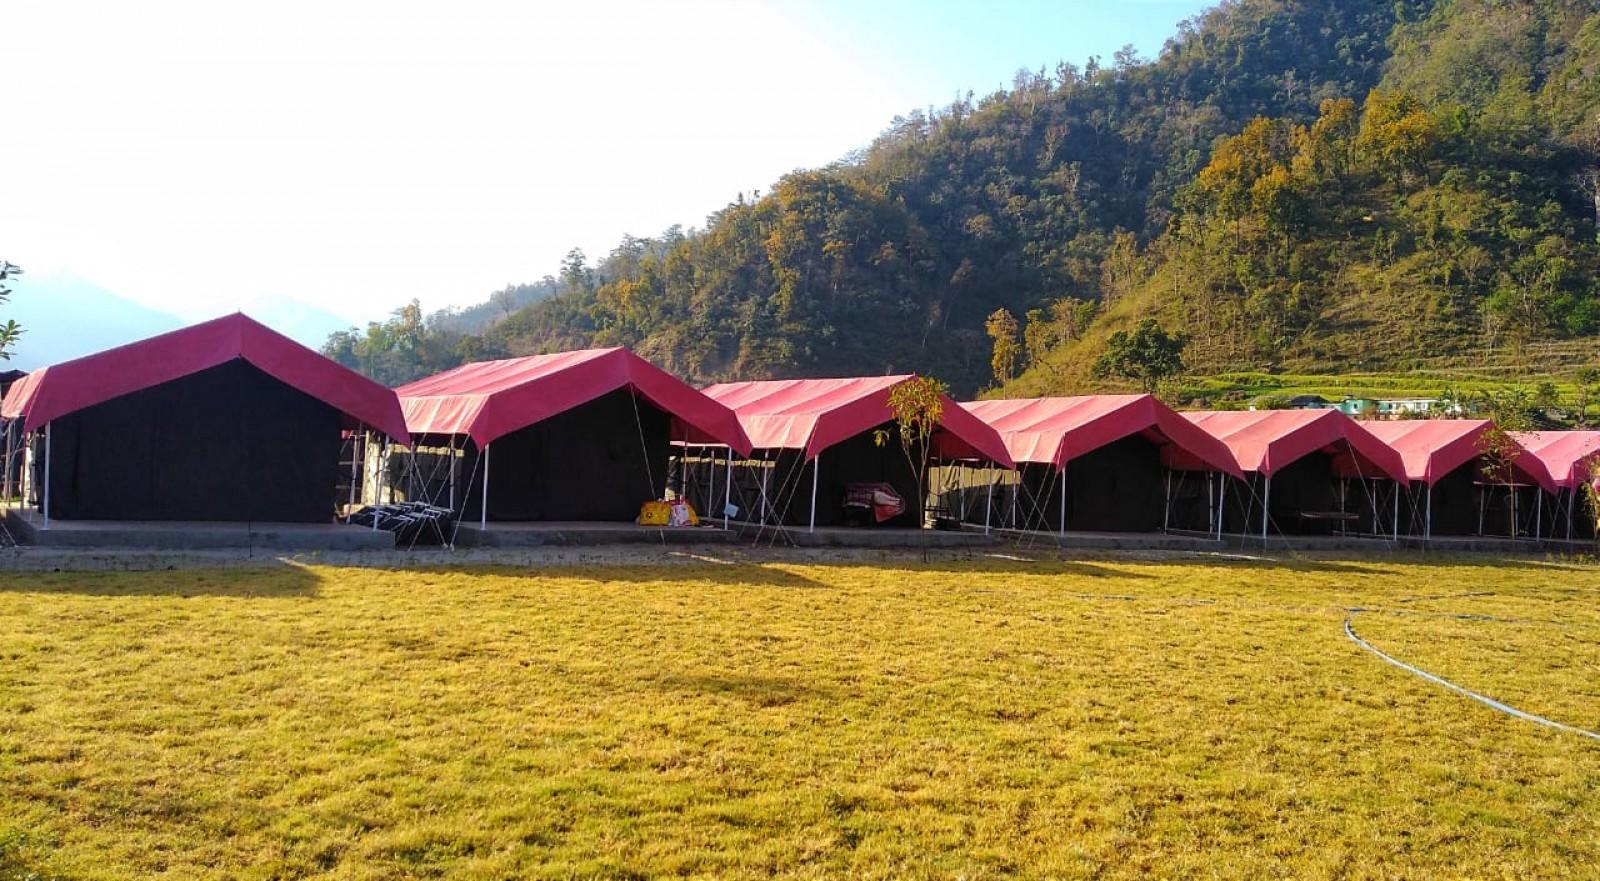 http://m.thegreatnext.com/Rishikesh Camping Rafting Adventure Travel Uttarakhand The Great Next